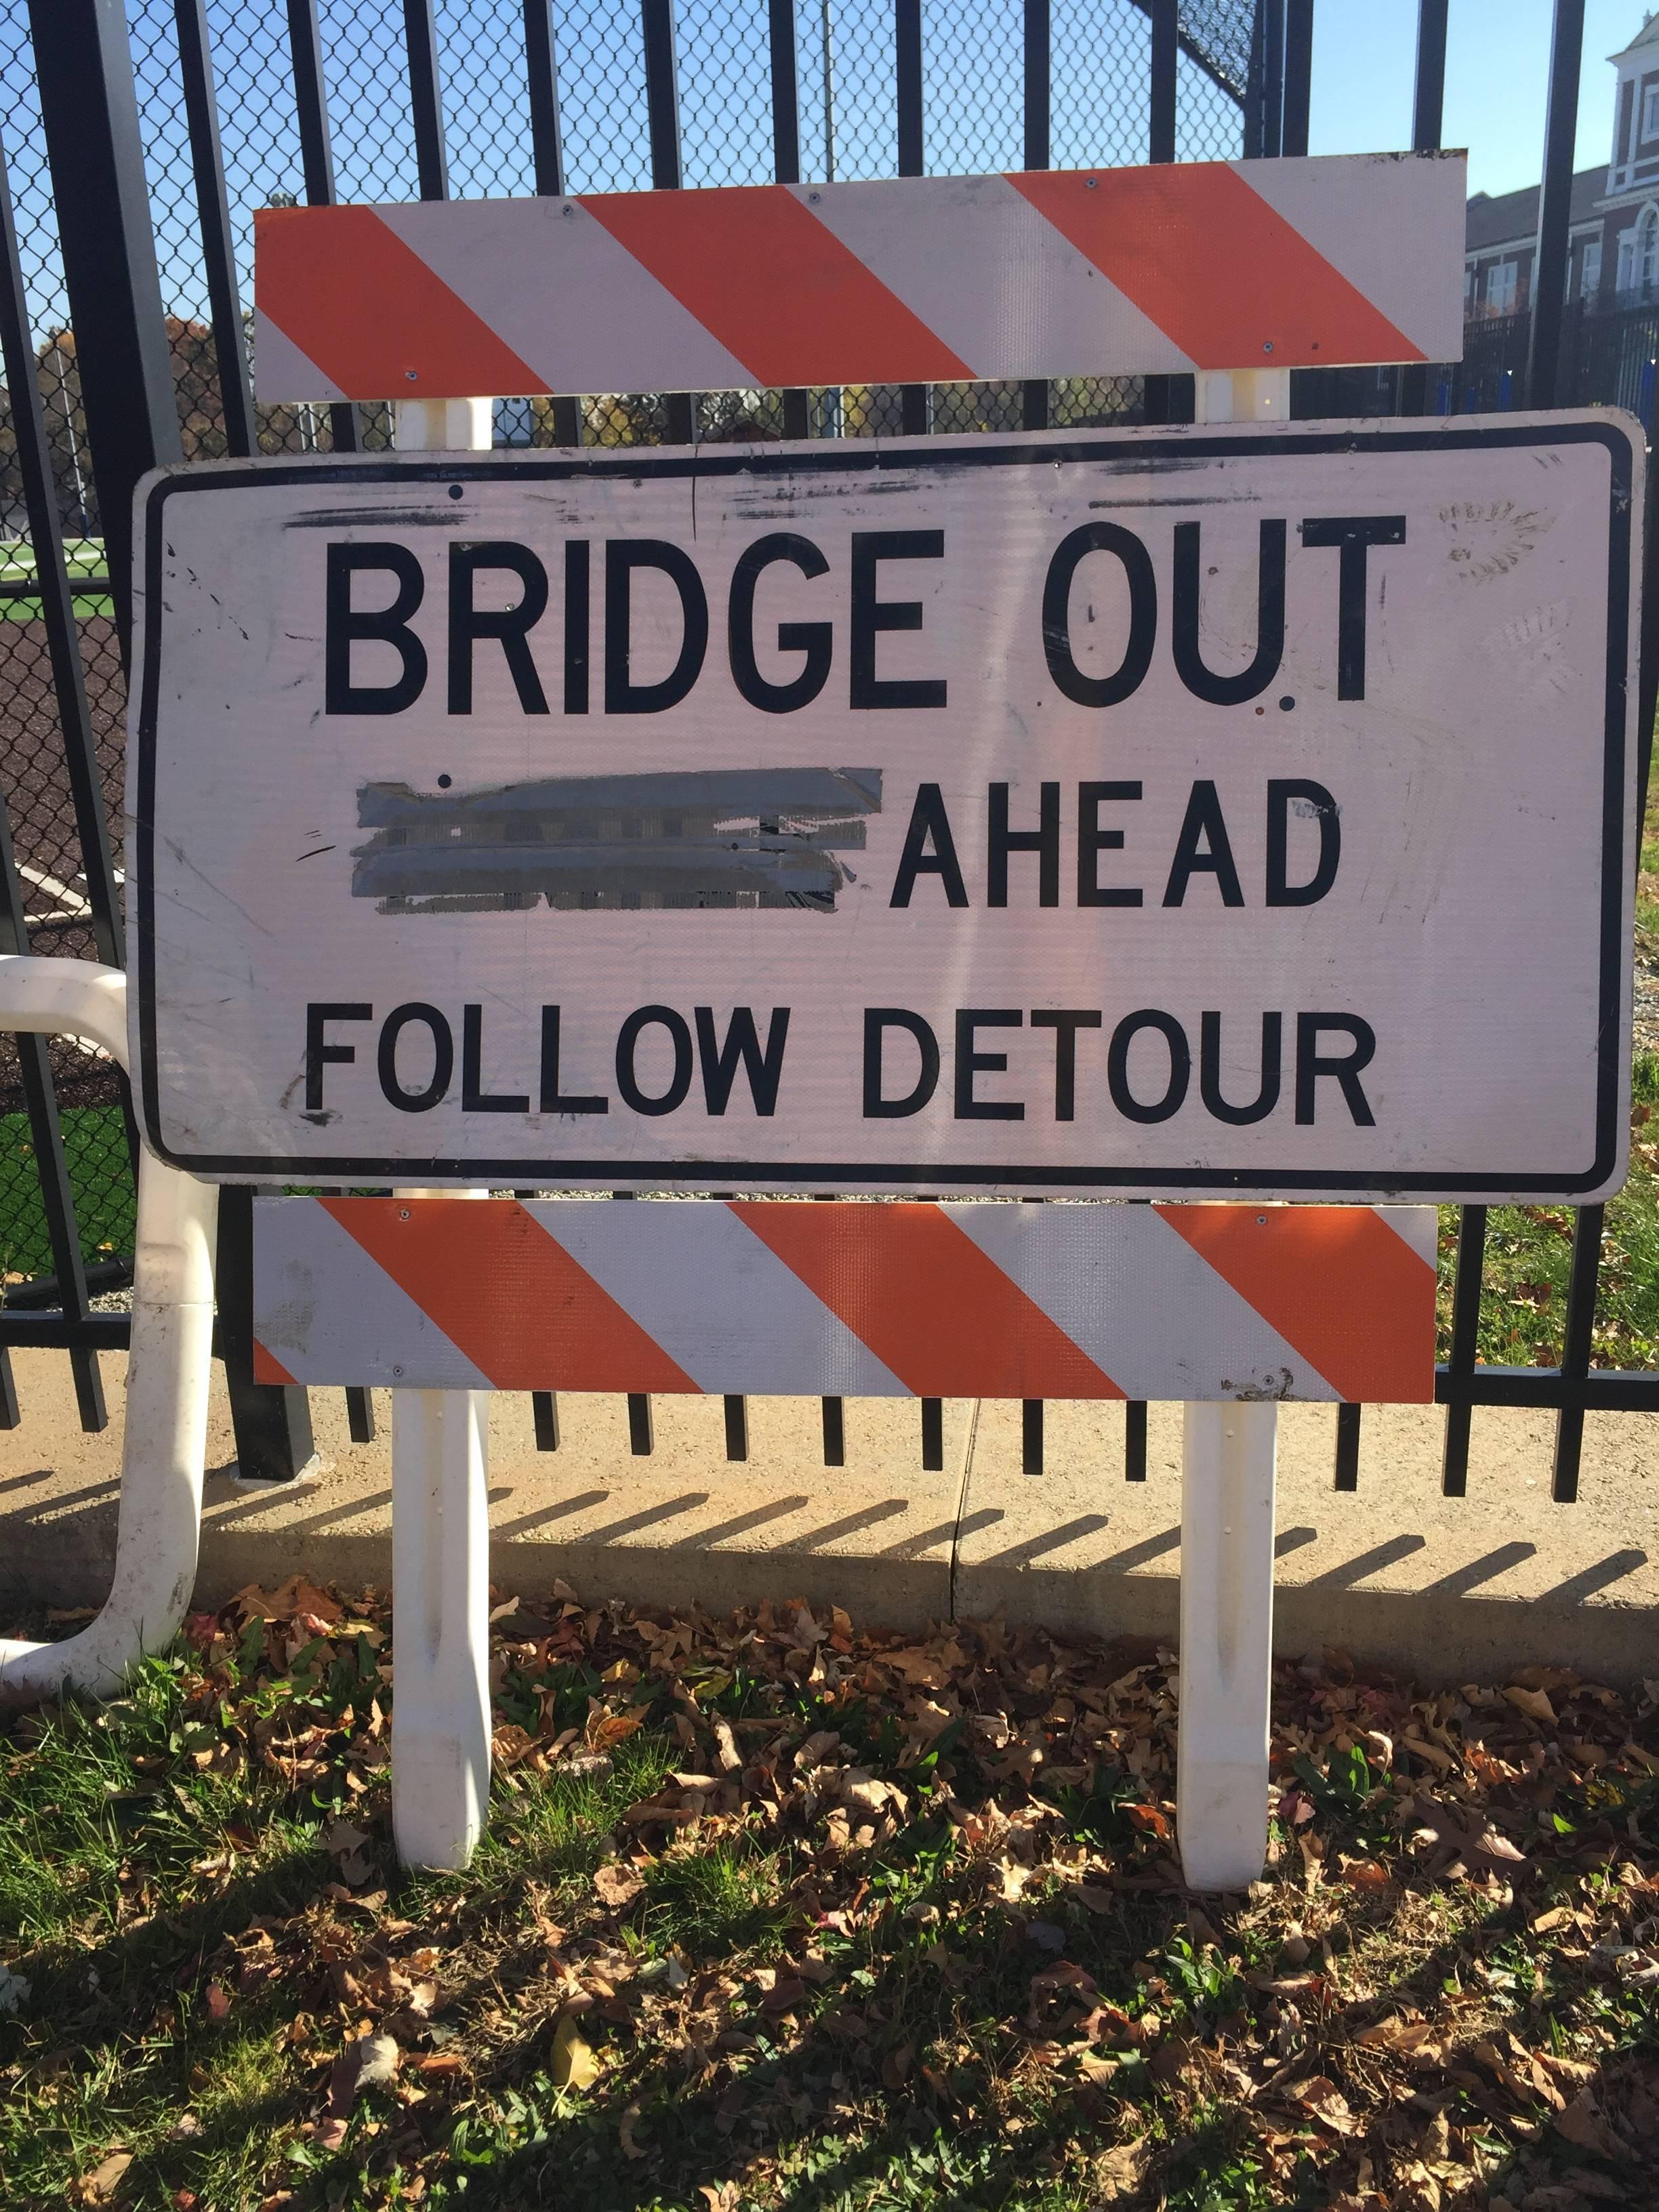 ebd196c57b53d08d2606_Bridgeout_sign.jpg